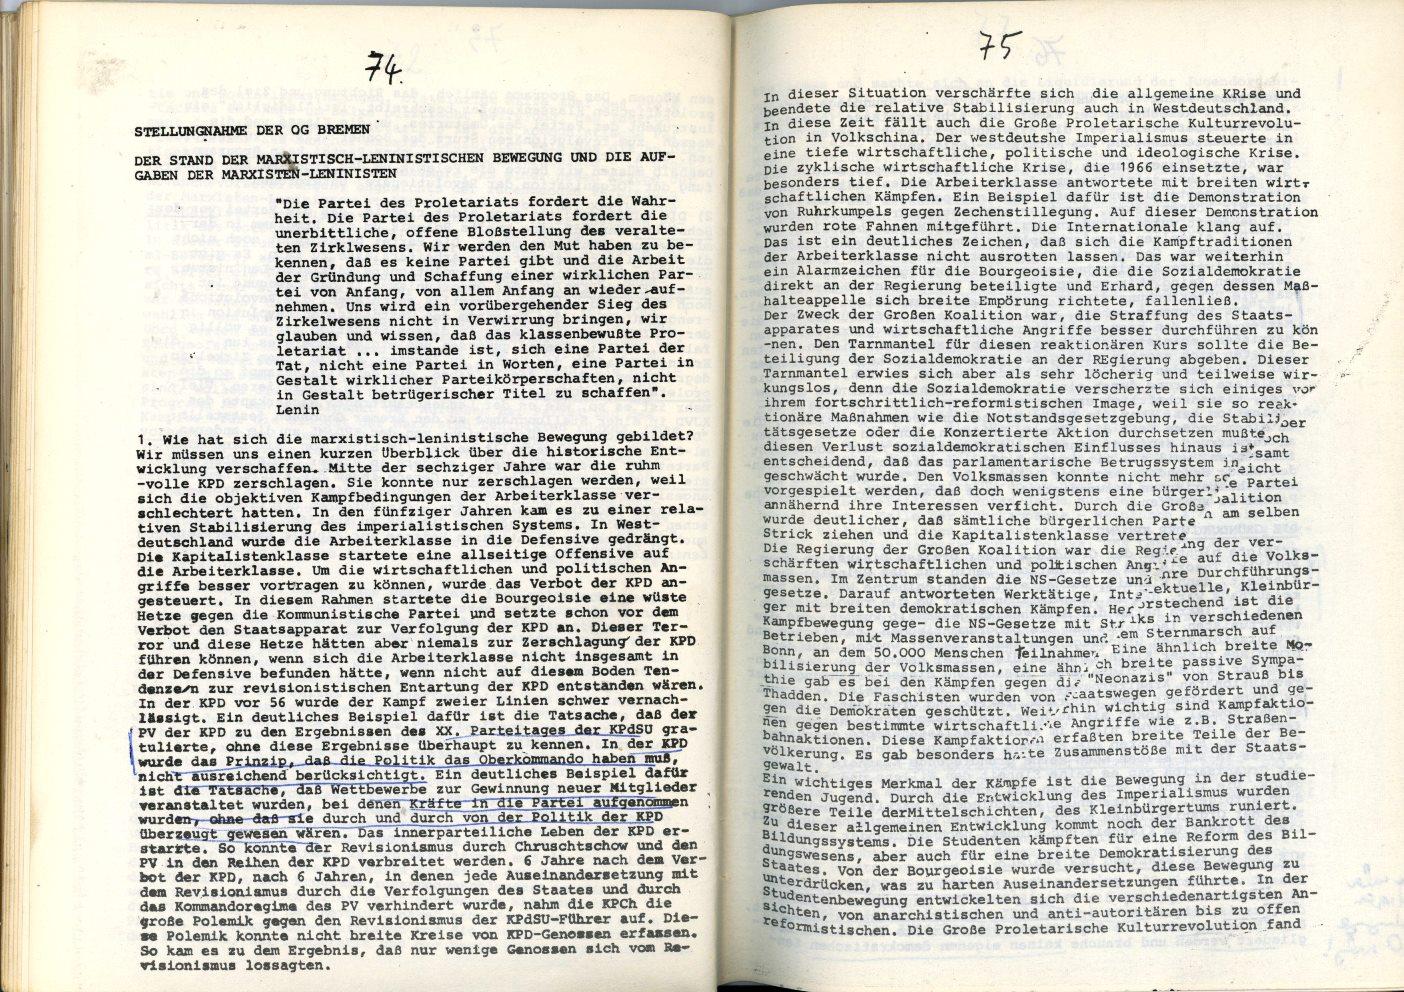 ZB_1972_Diskussionsorgan_zur_ersten_Parteikonferenz_41